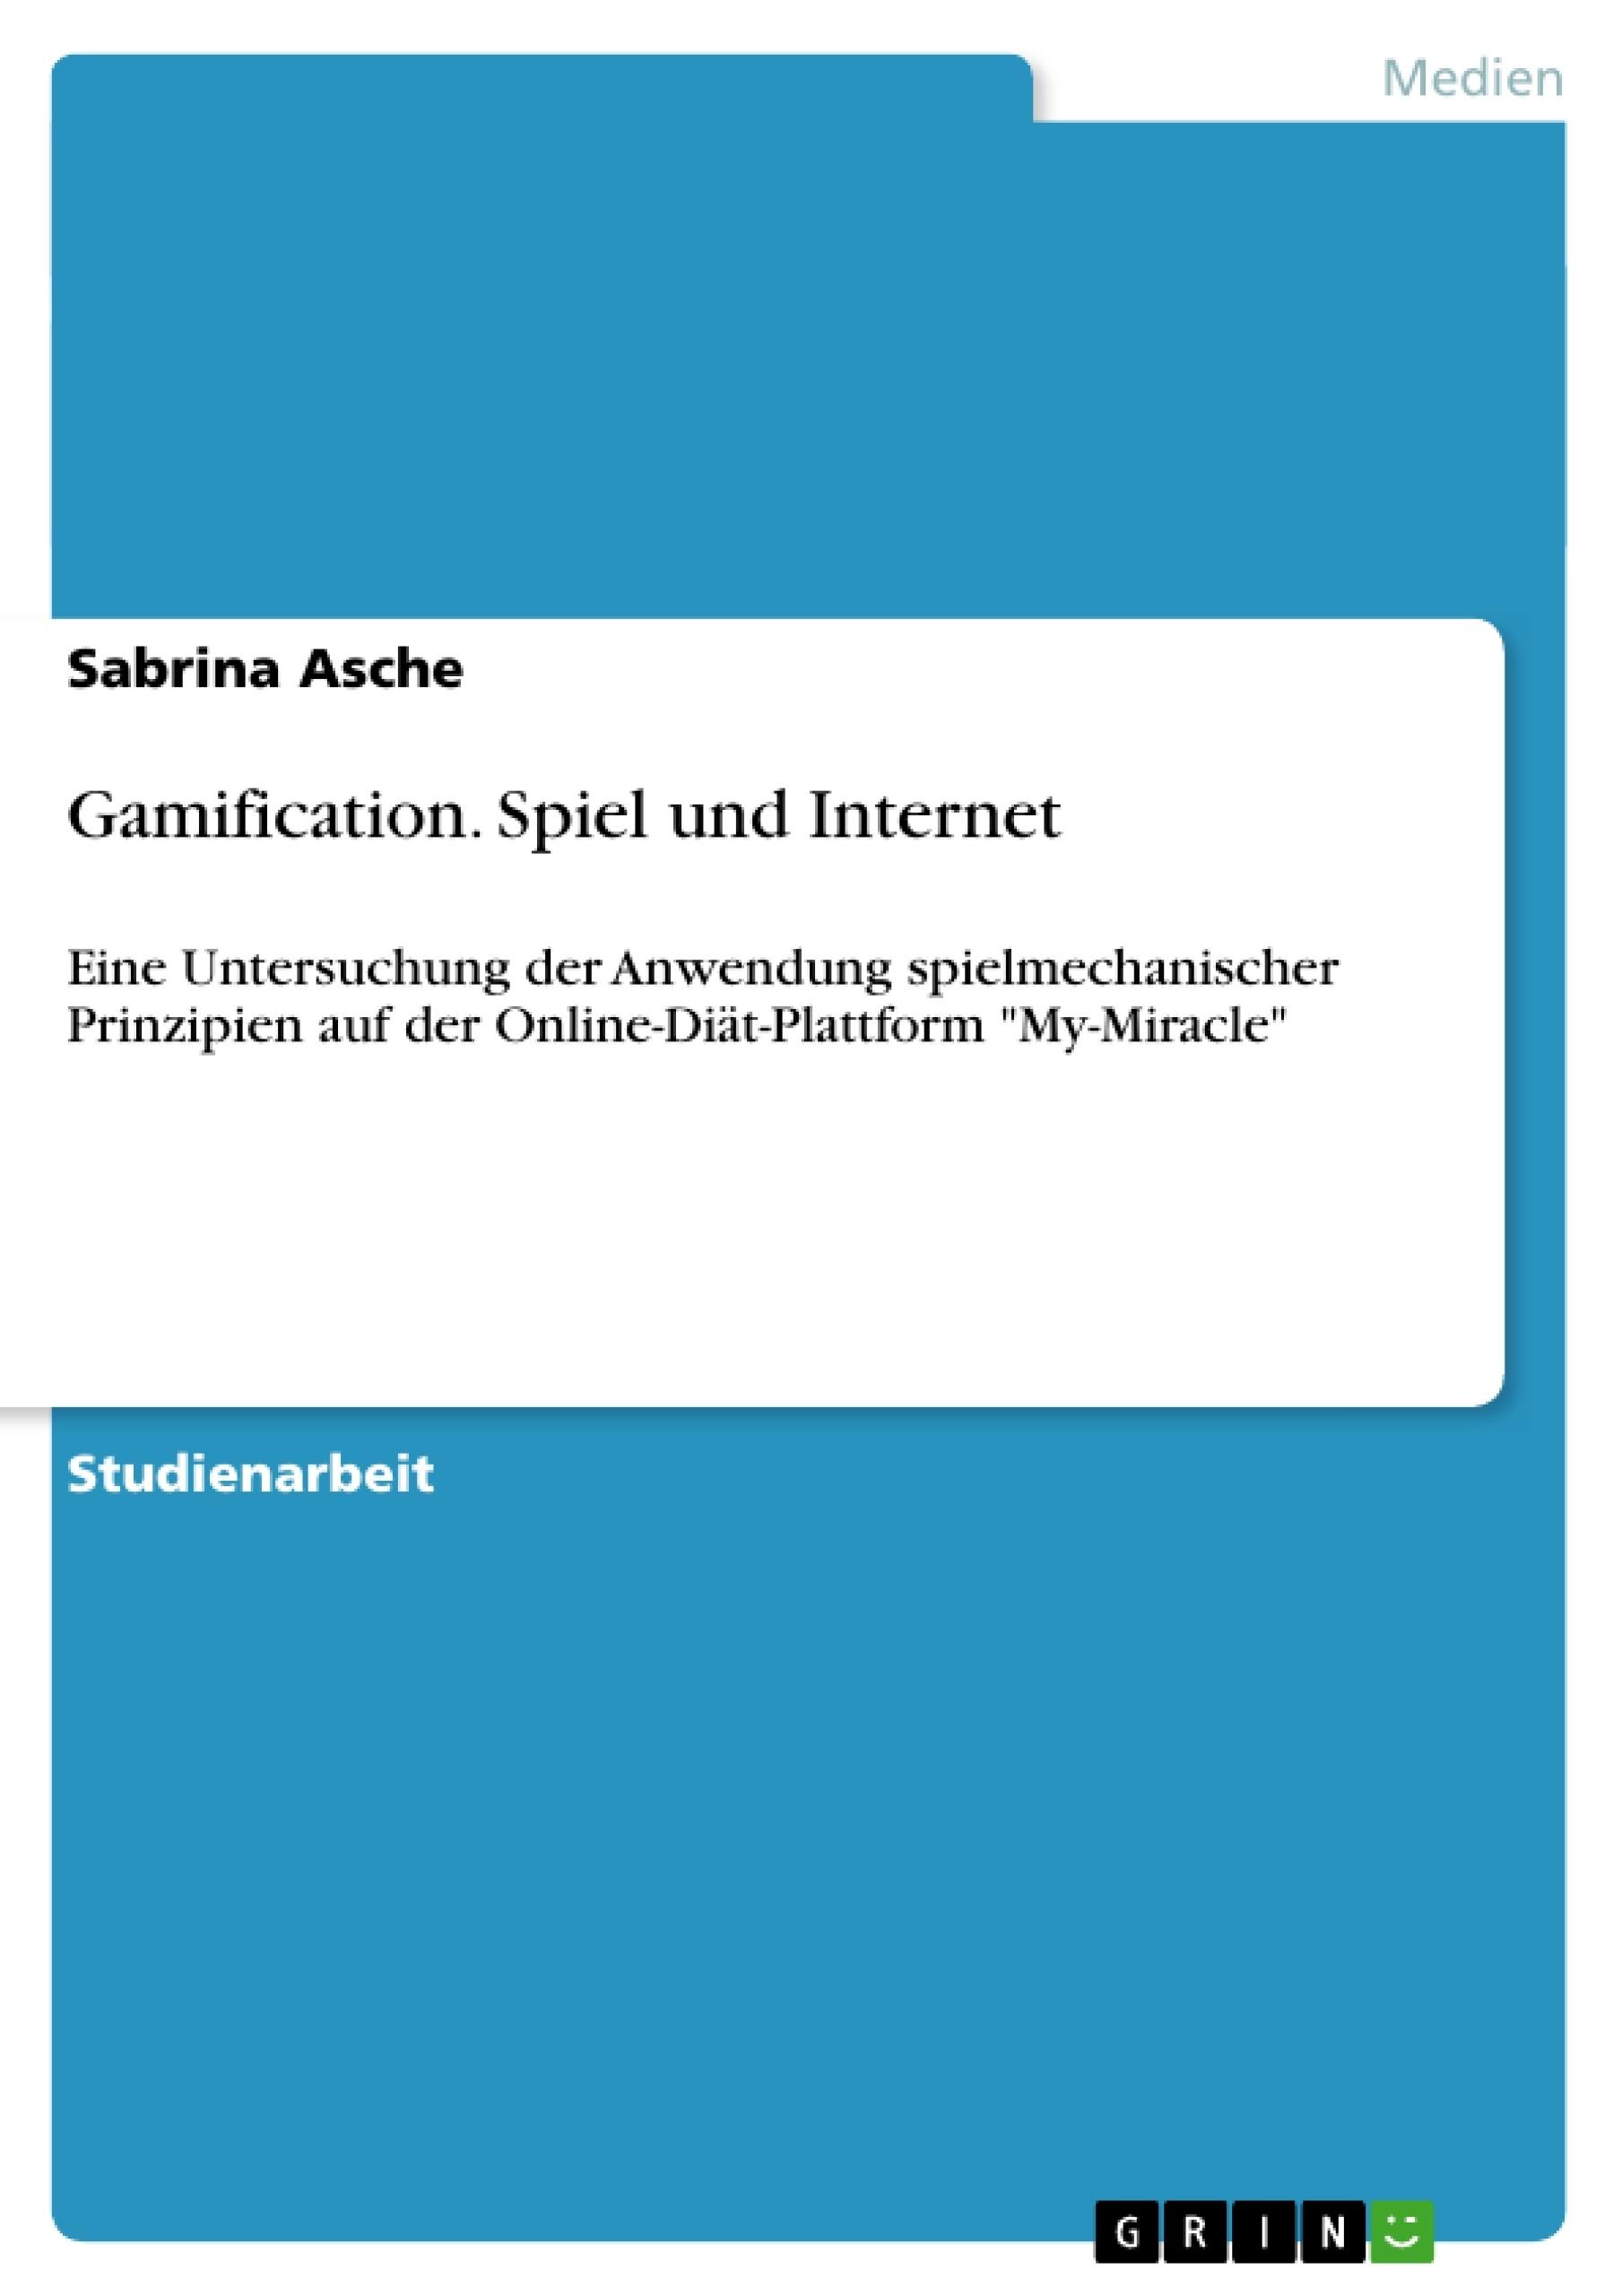 Titel: Gamification. Spiel und Internet